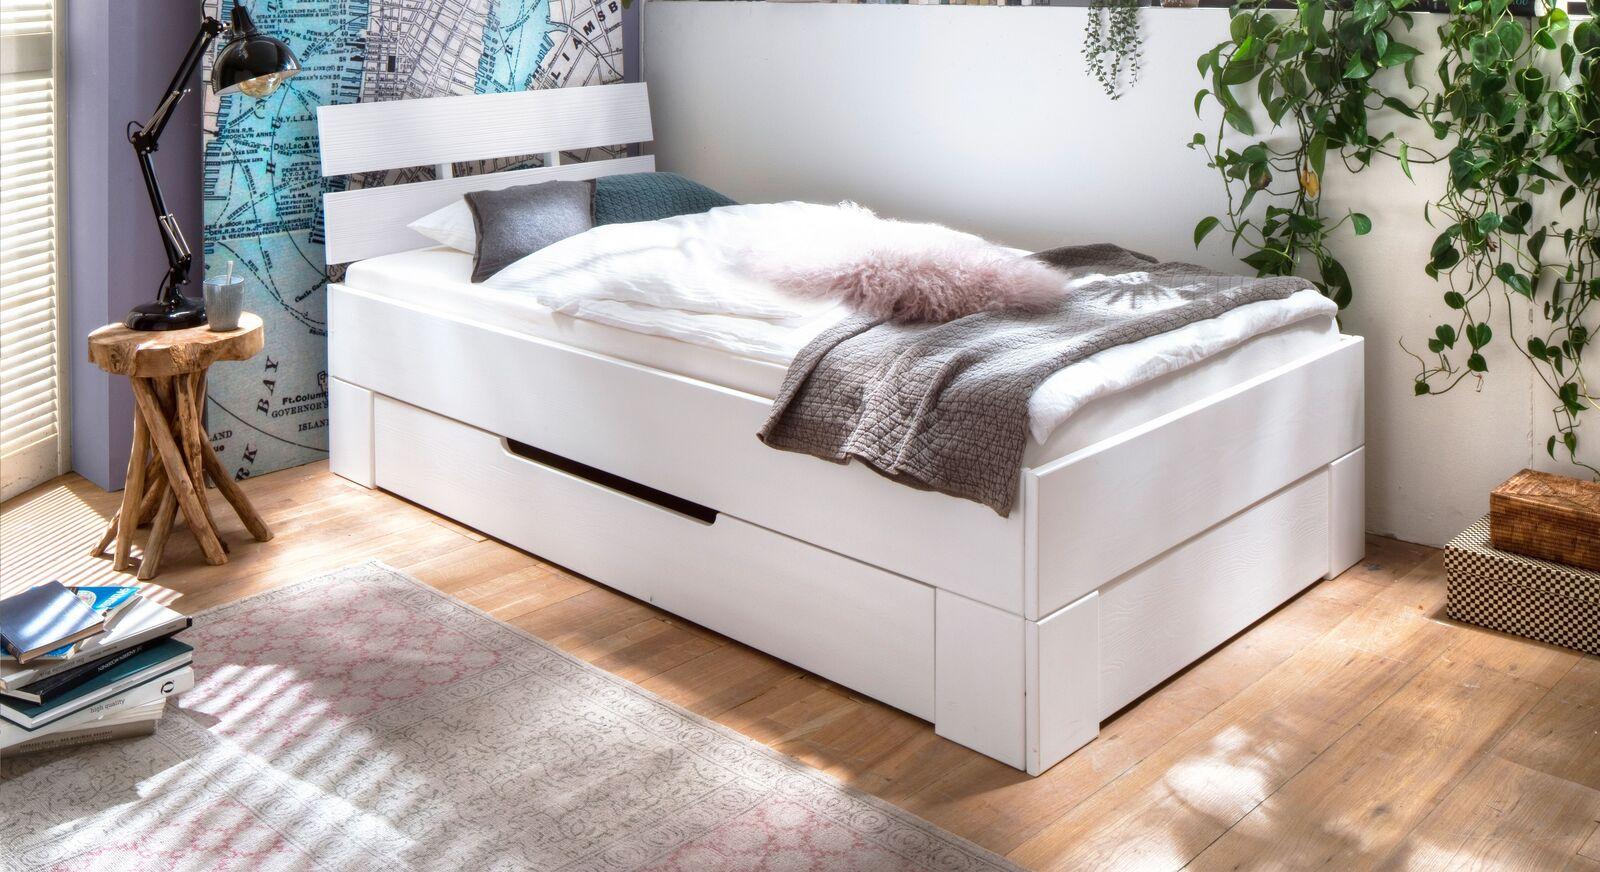 Schubkasten-Einzelbett Ottena mit integriertem Stauraum